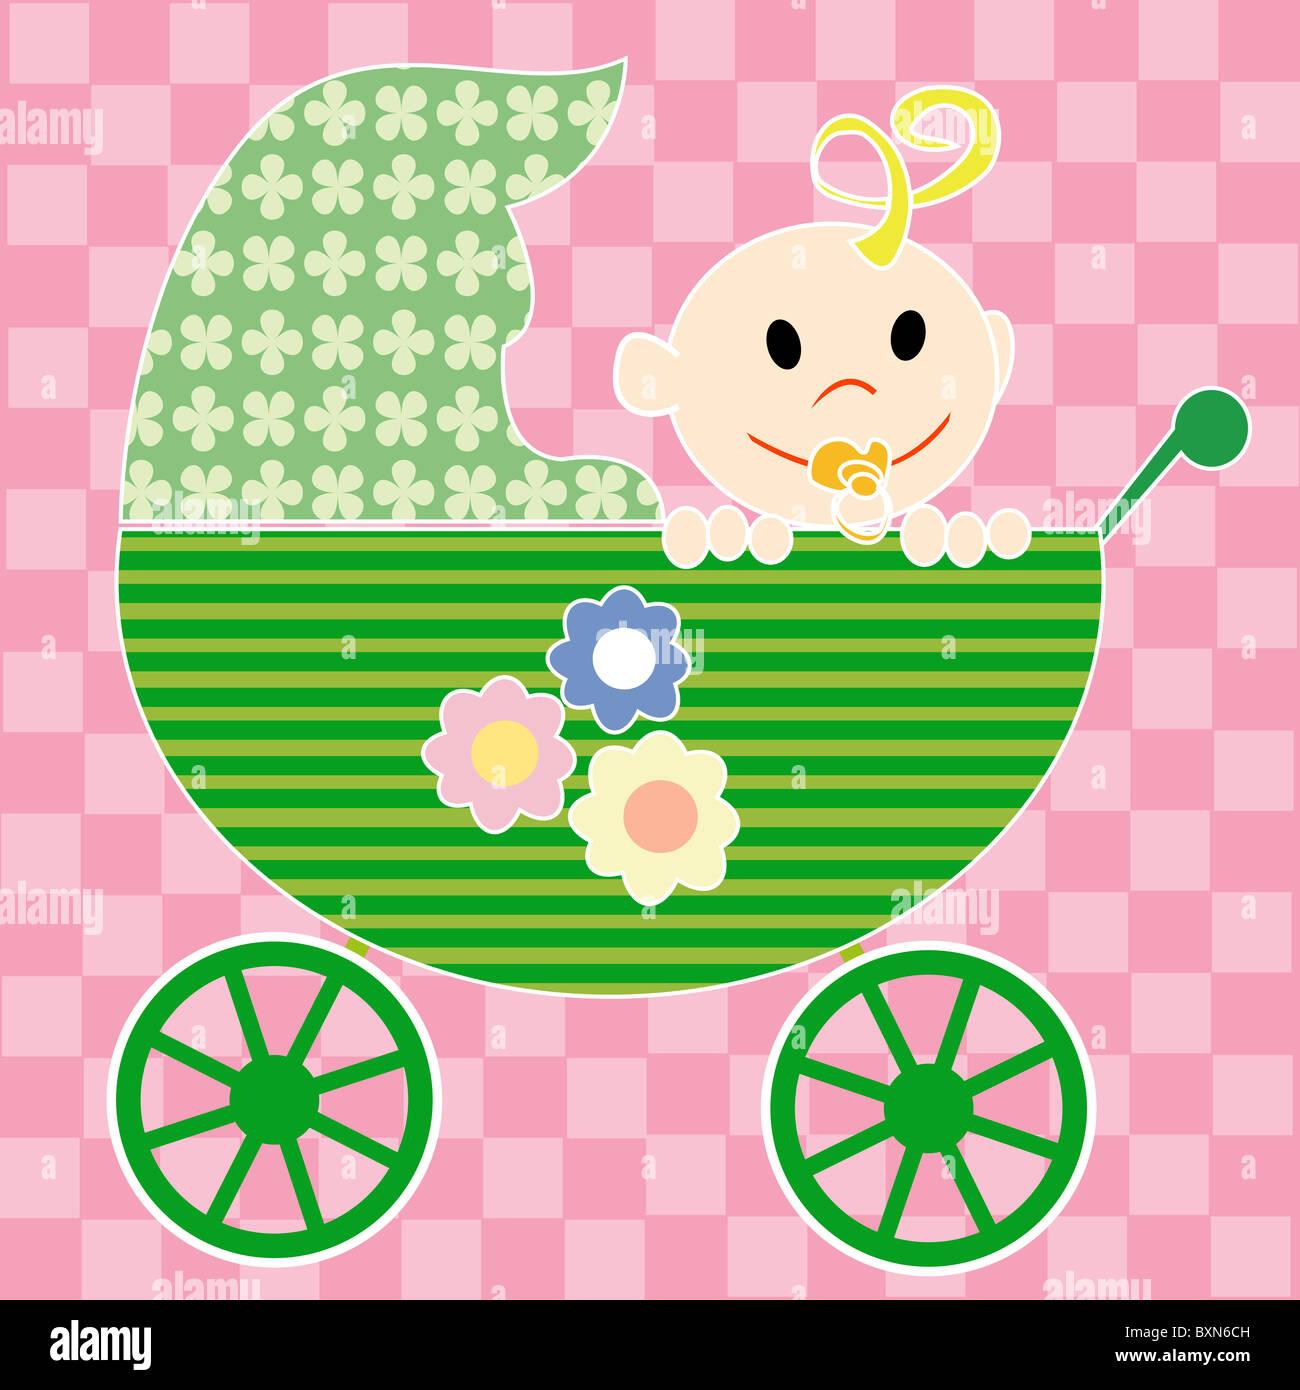 Baby in stroller - Stock Image